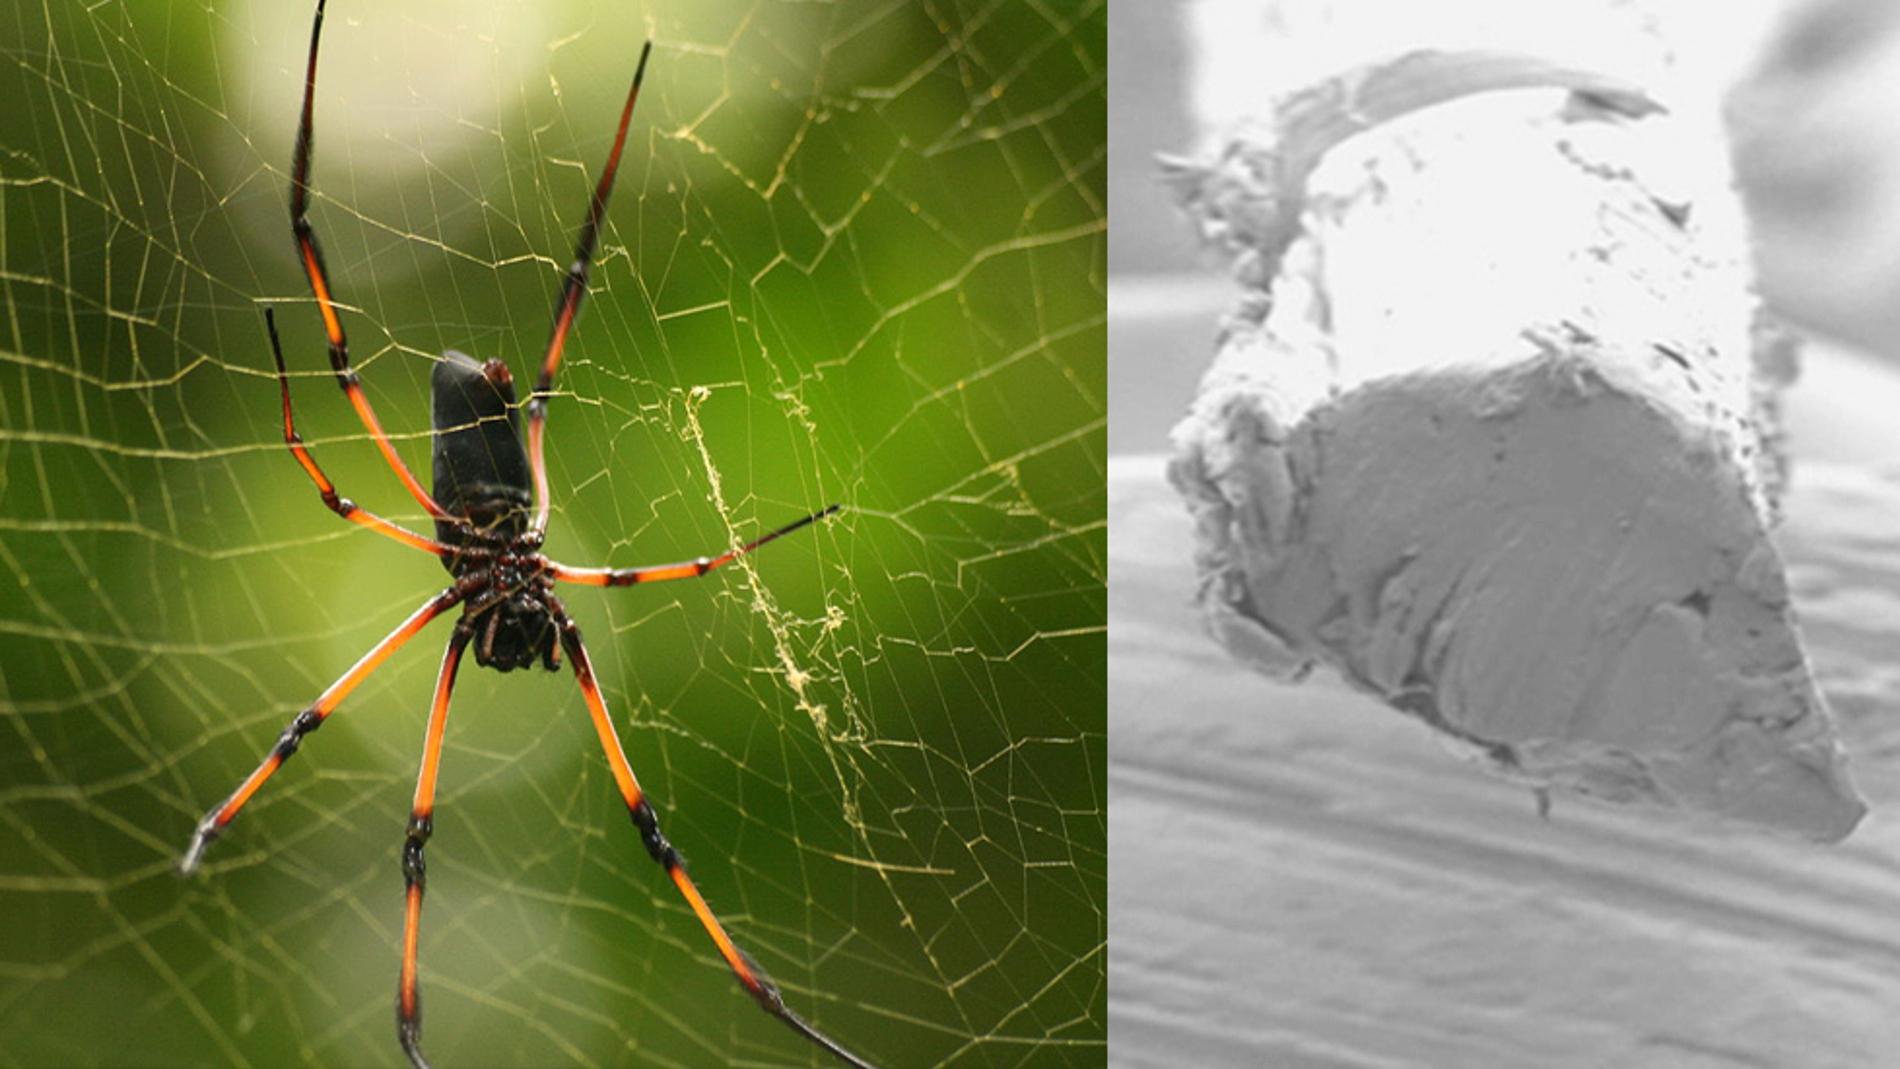 Araña de la especie Nephila inaurata